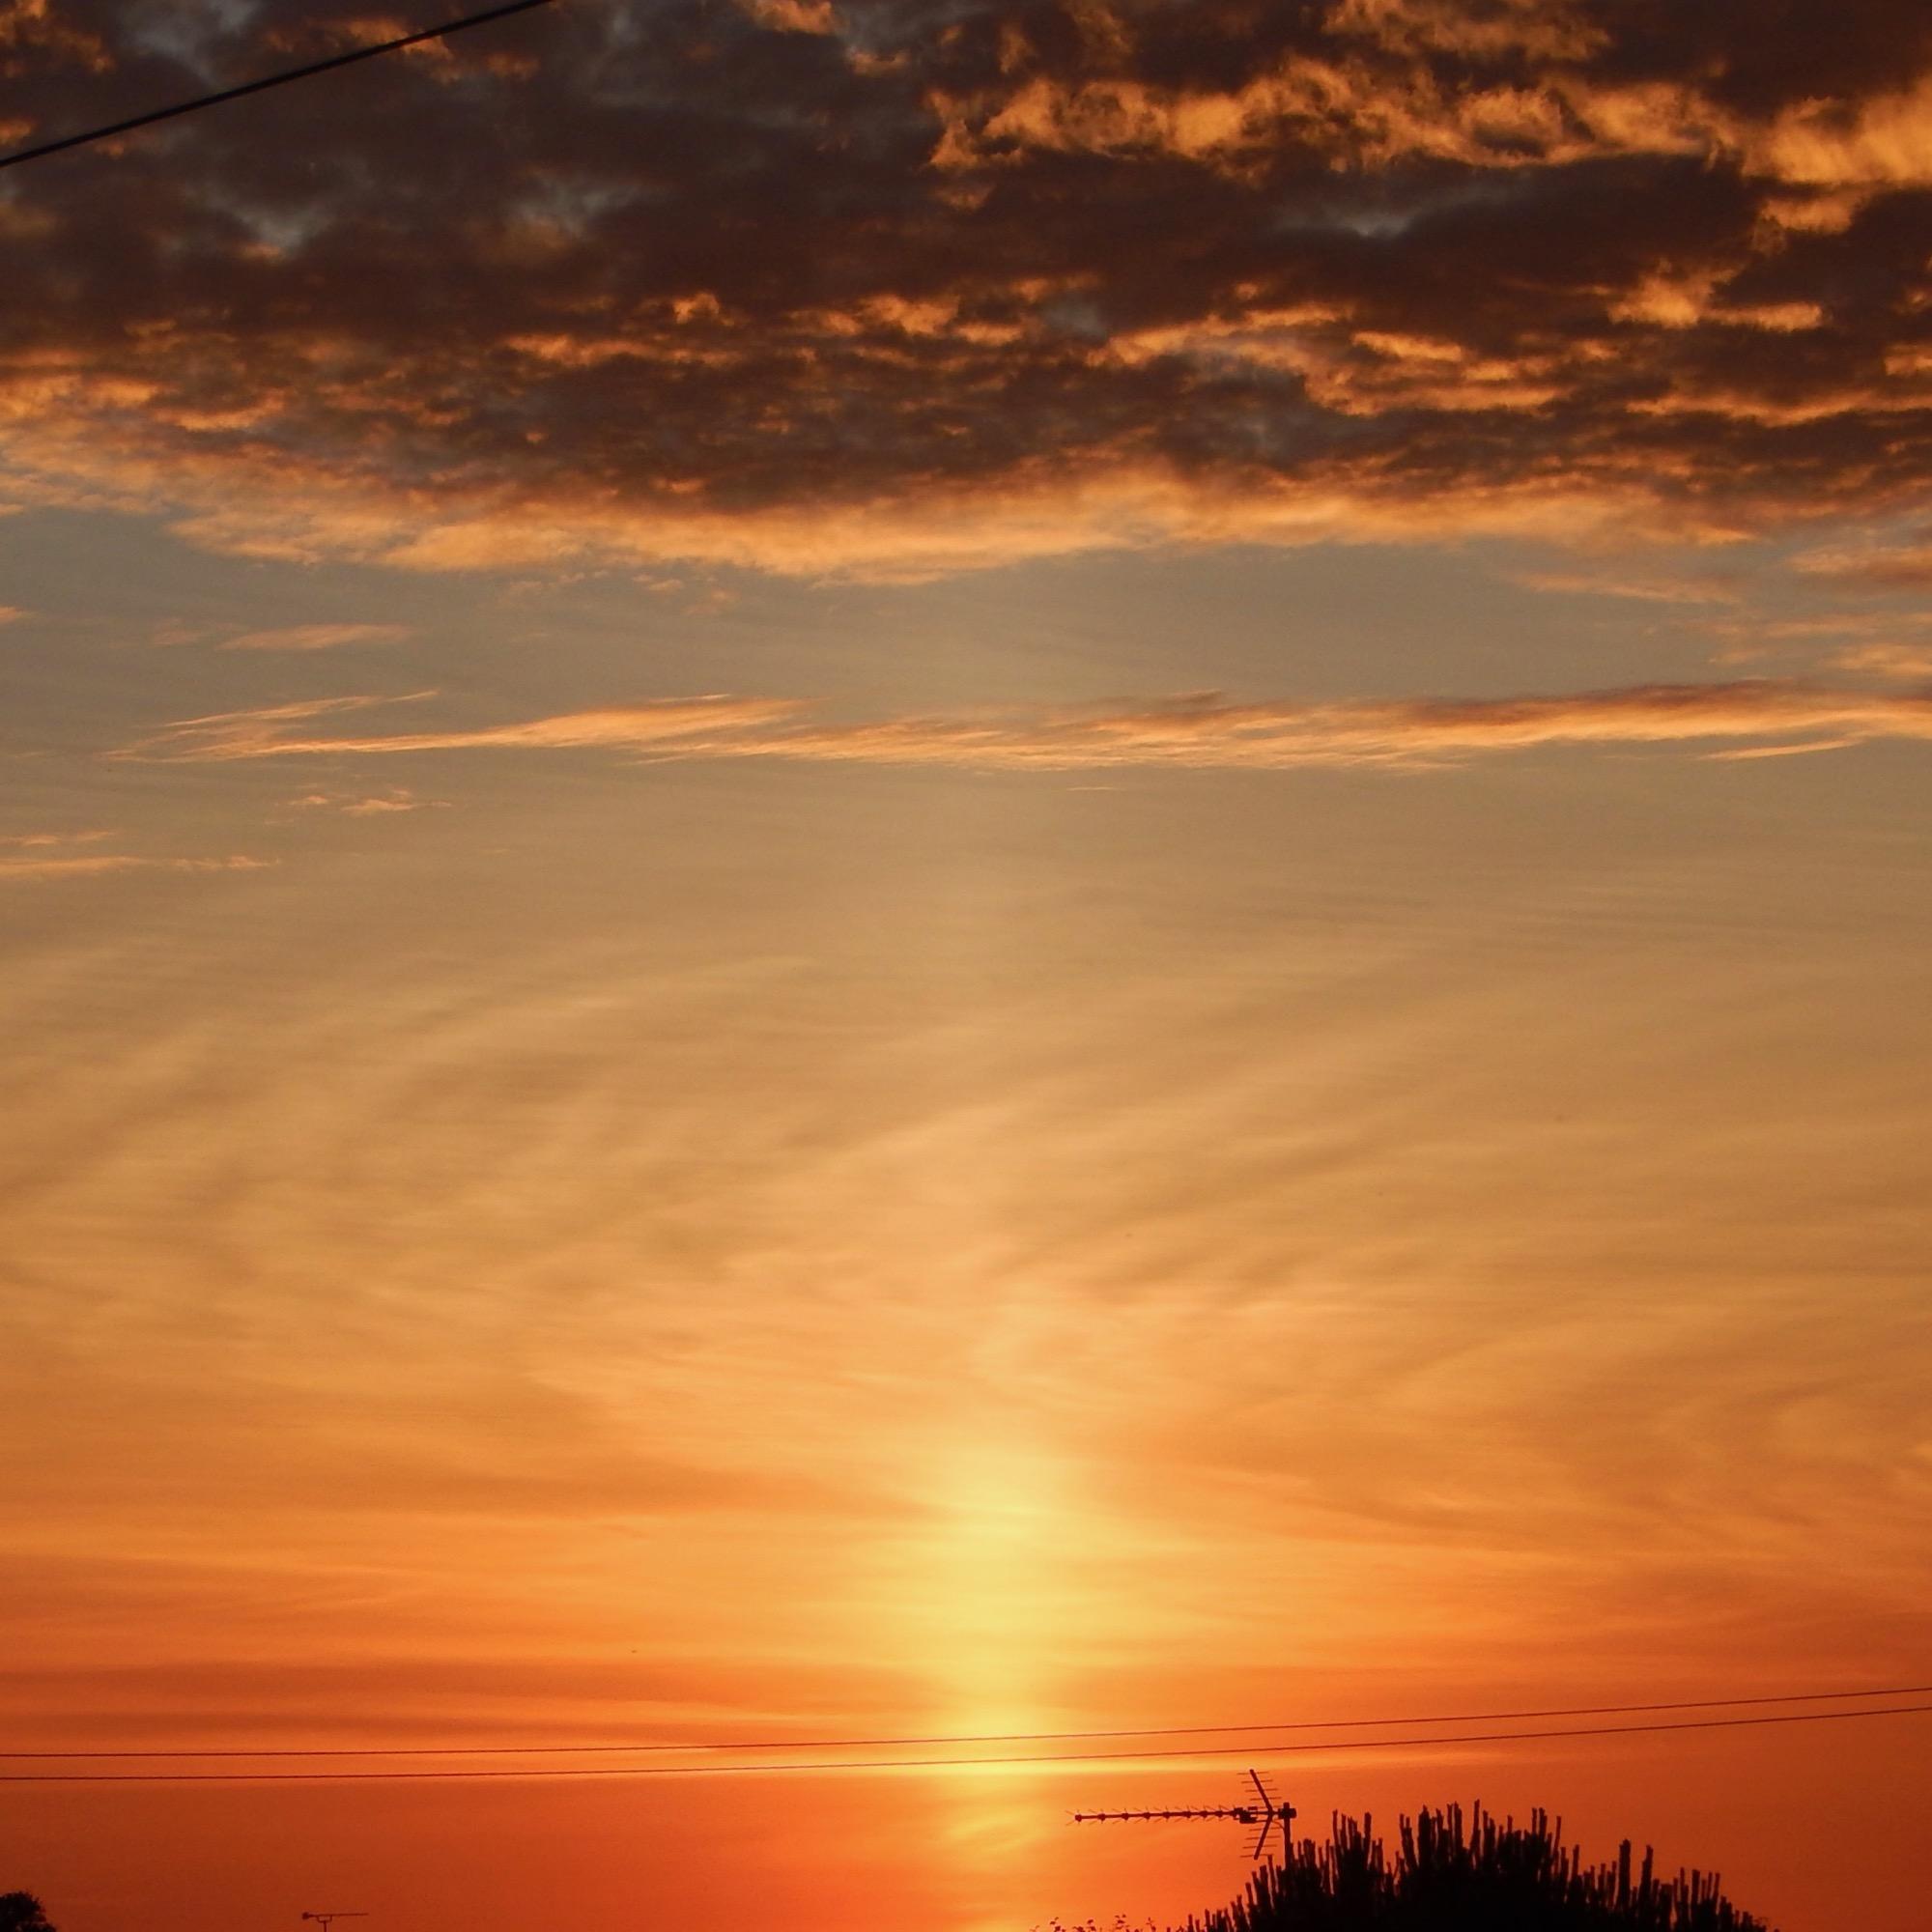 Widescreen Sunset